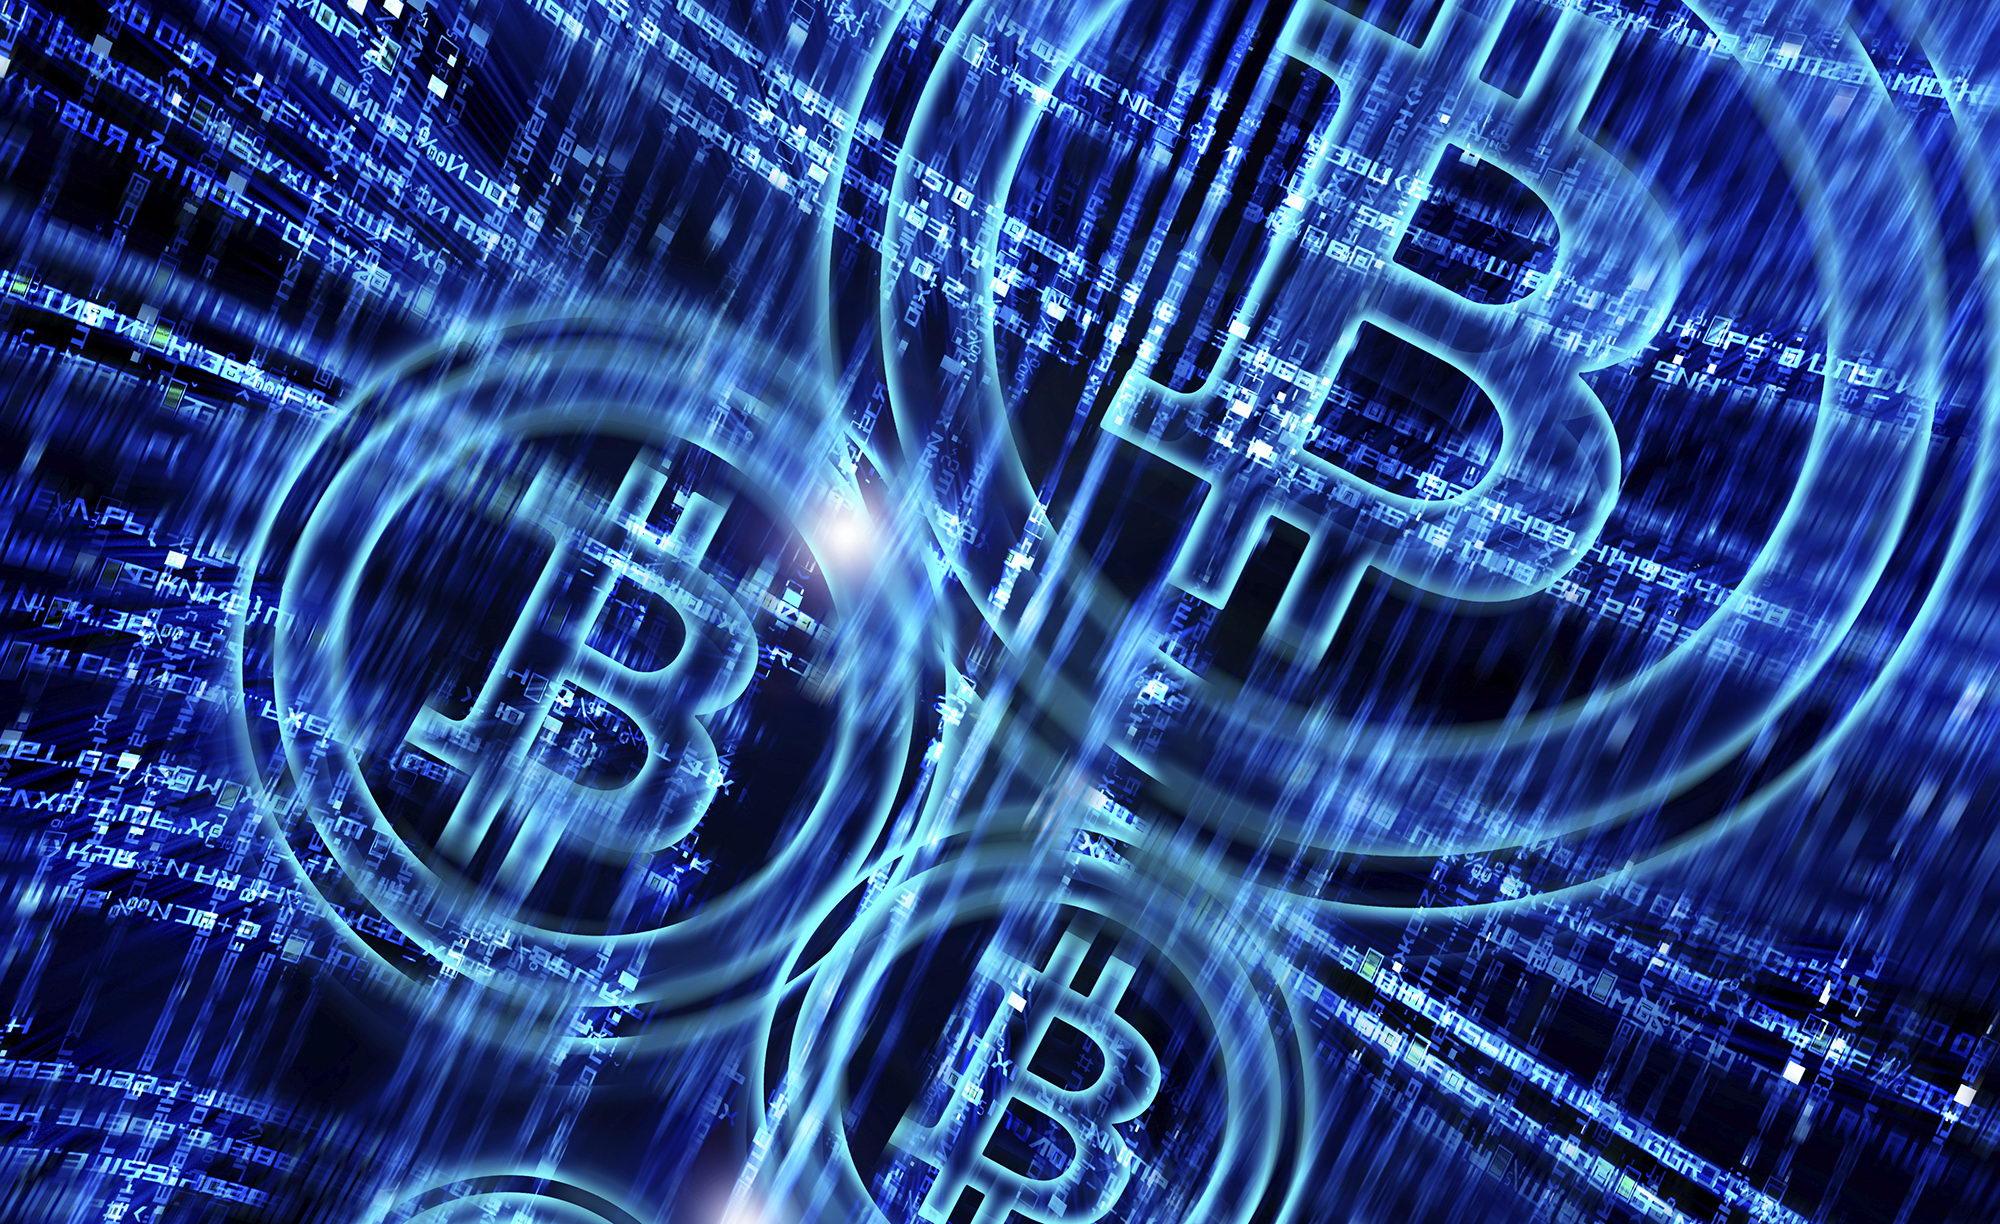 Кошельки шифровальщика WannaCry опустошили: выведены все собранные 143 000 долларов